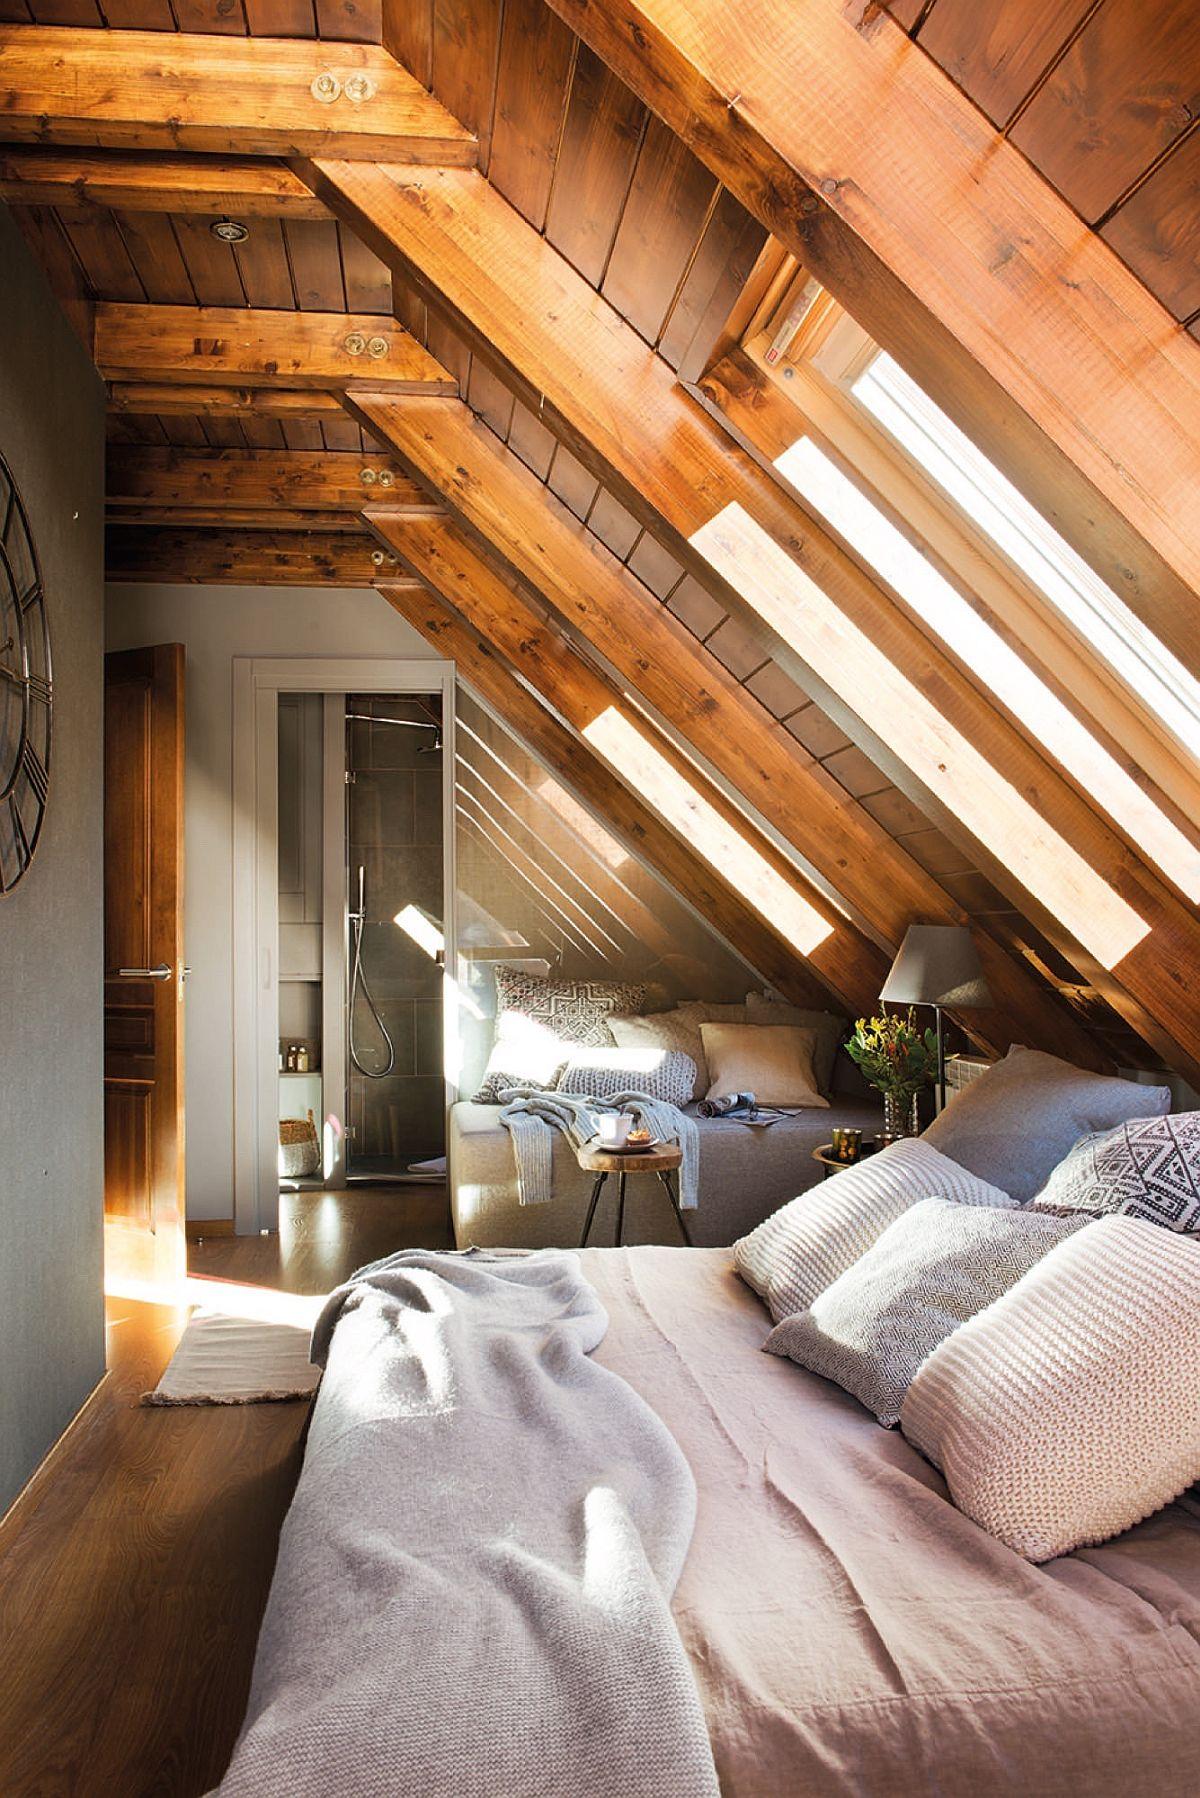 Ambientul unui dormitor este creionat de decorațiunile textile. Schimbarea lenjeriei de pat, prezența covoarelor pot schimba modul cum este simțit ambientul camerei de odihnă.